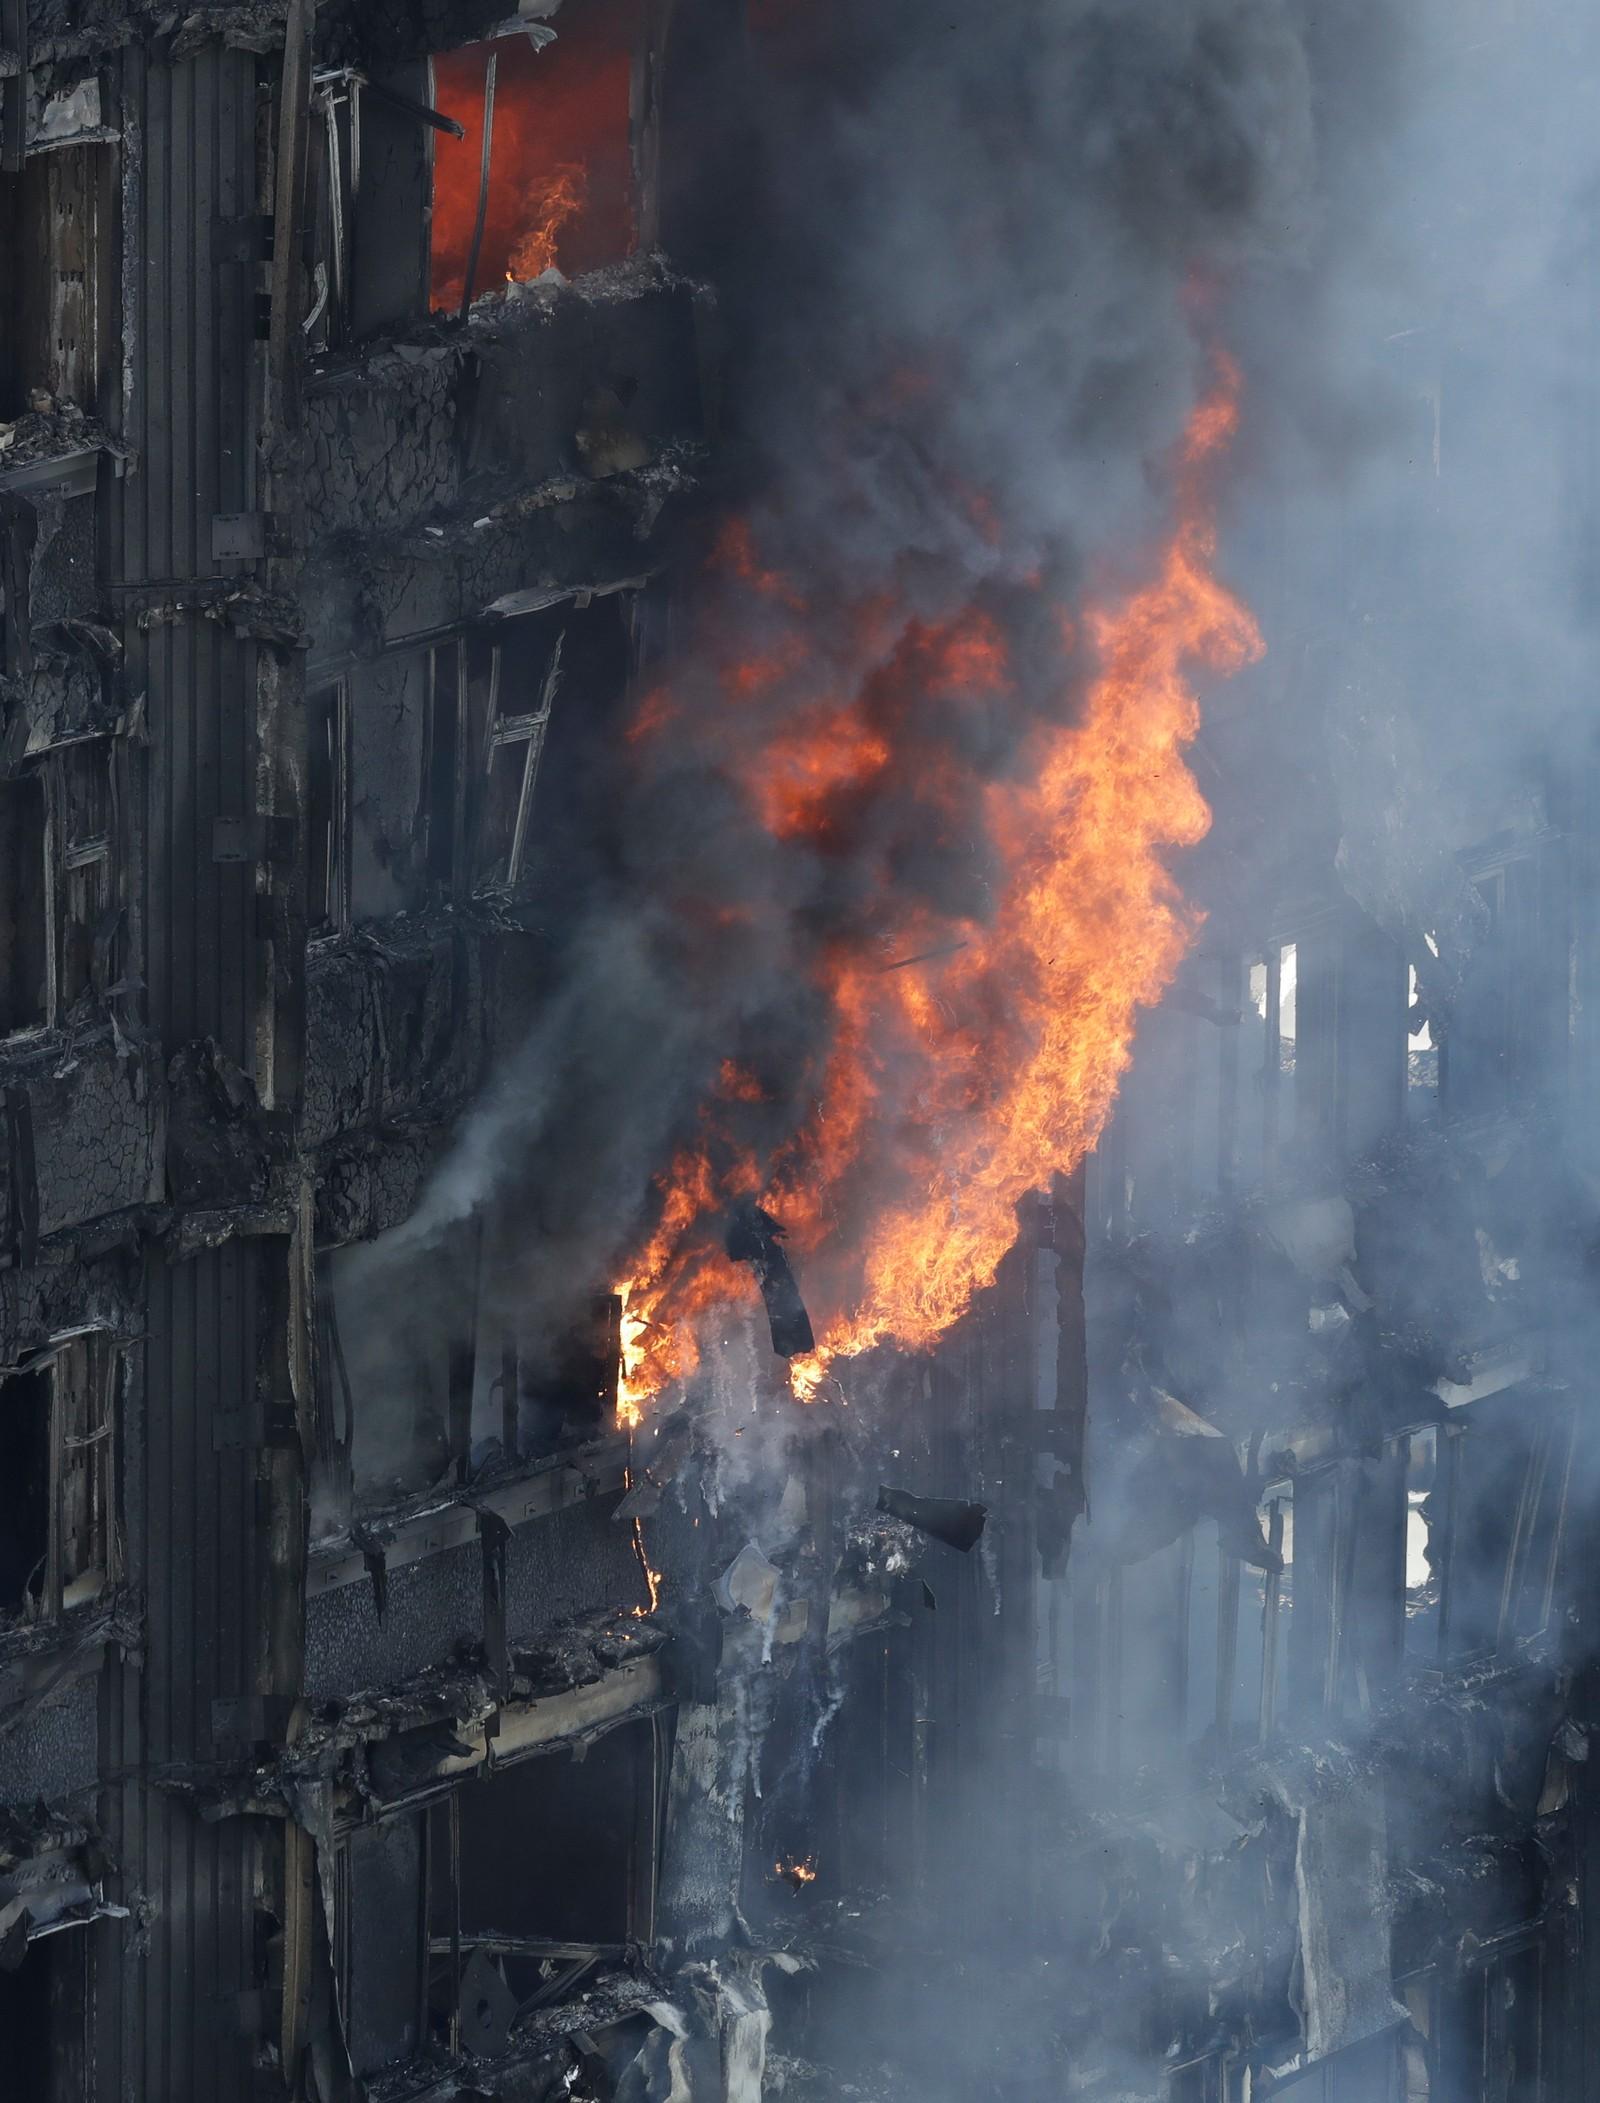 TYKK RØYK: Røyken fosset ut av vinduene i boligblokken i London.